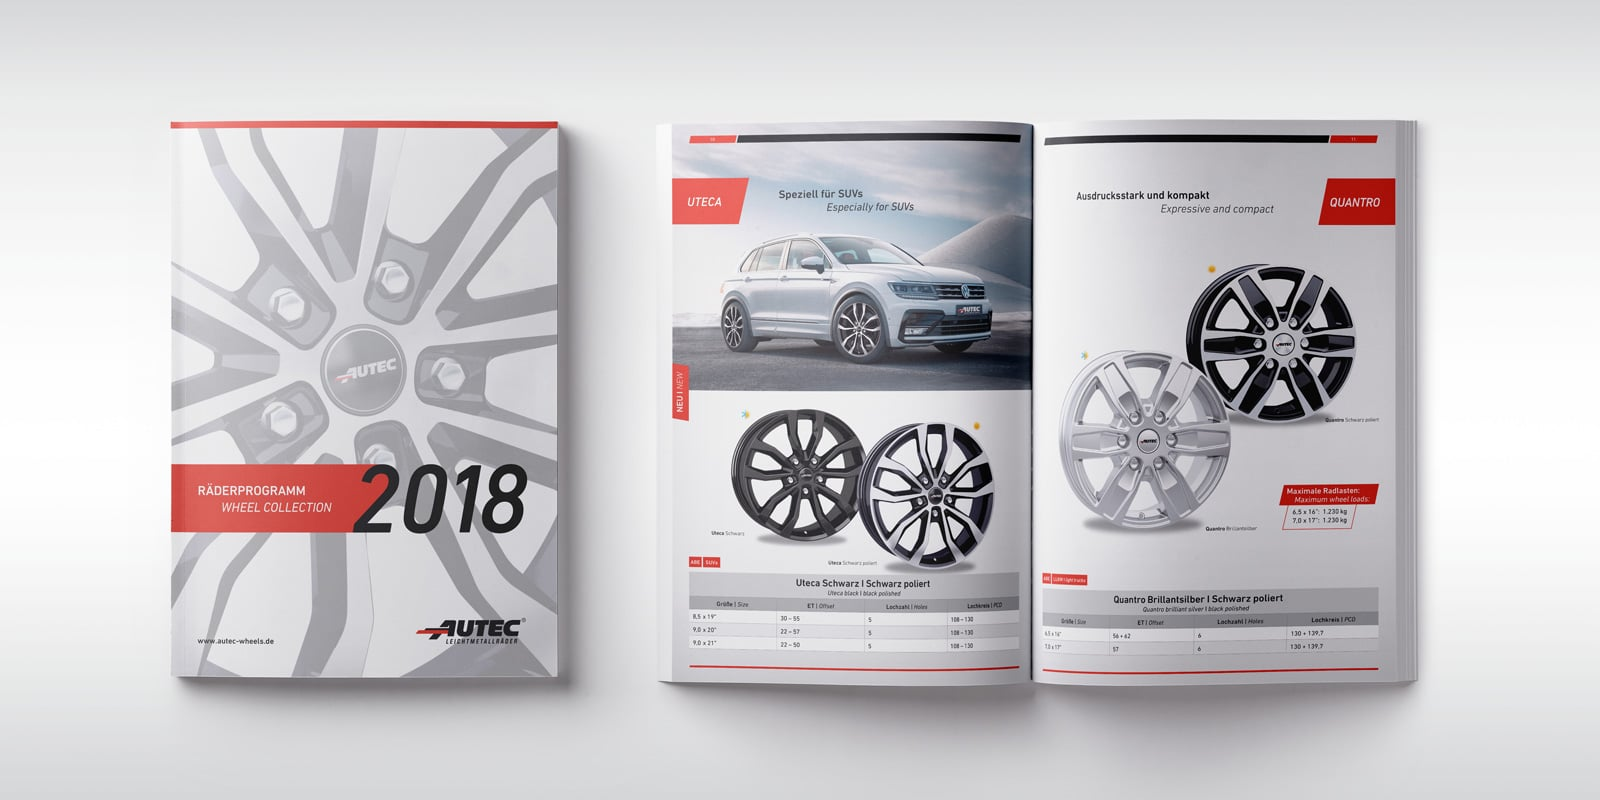 Autec – Räderprogramm Frühjahr